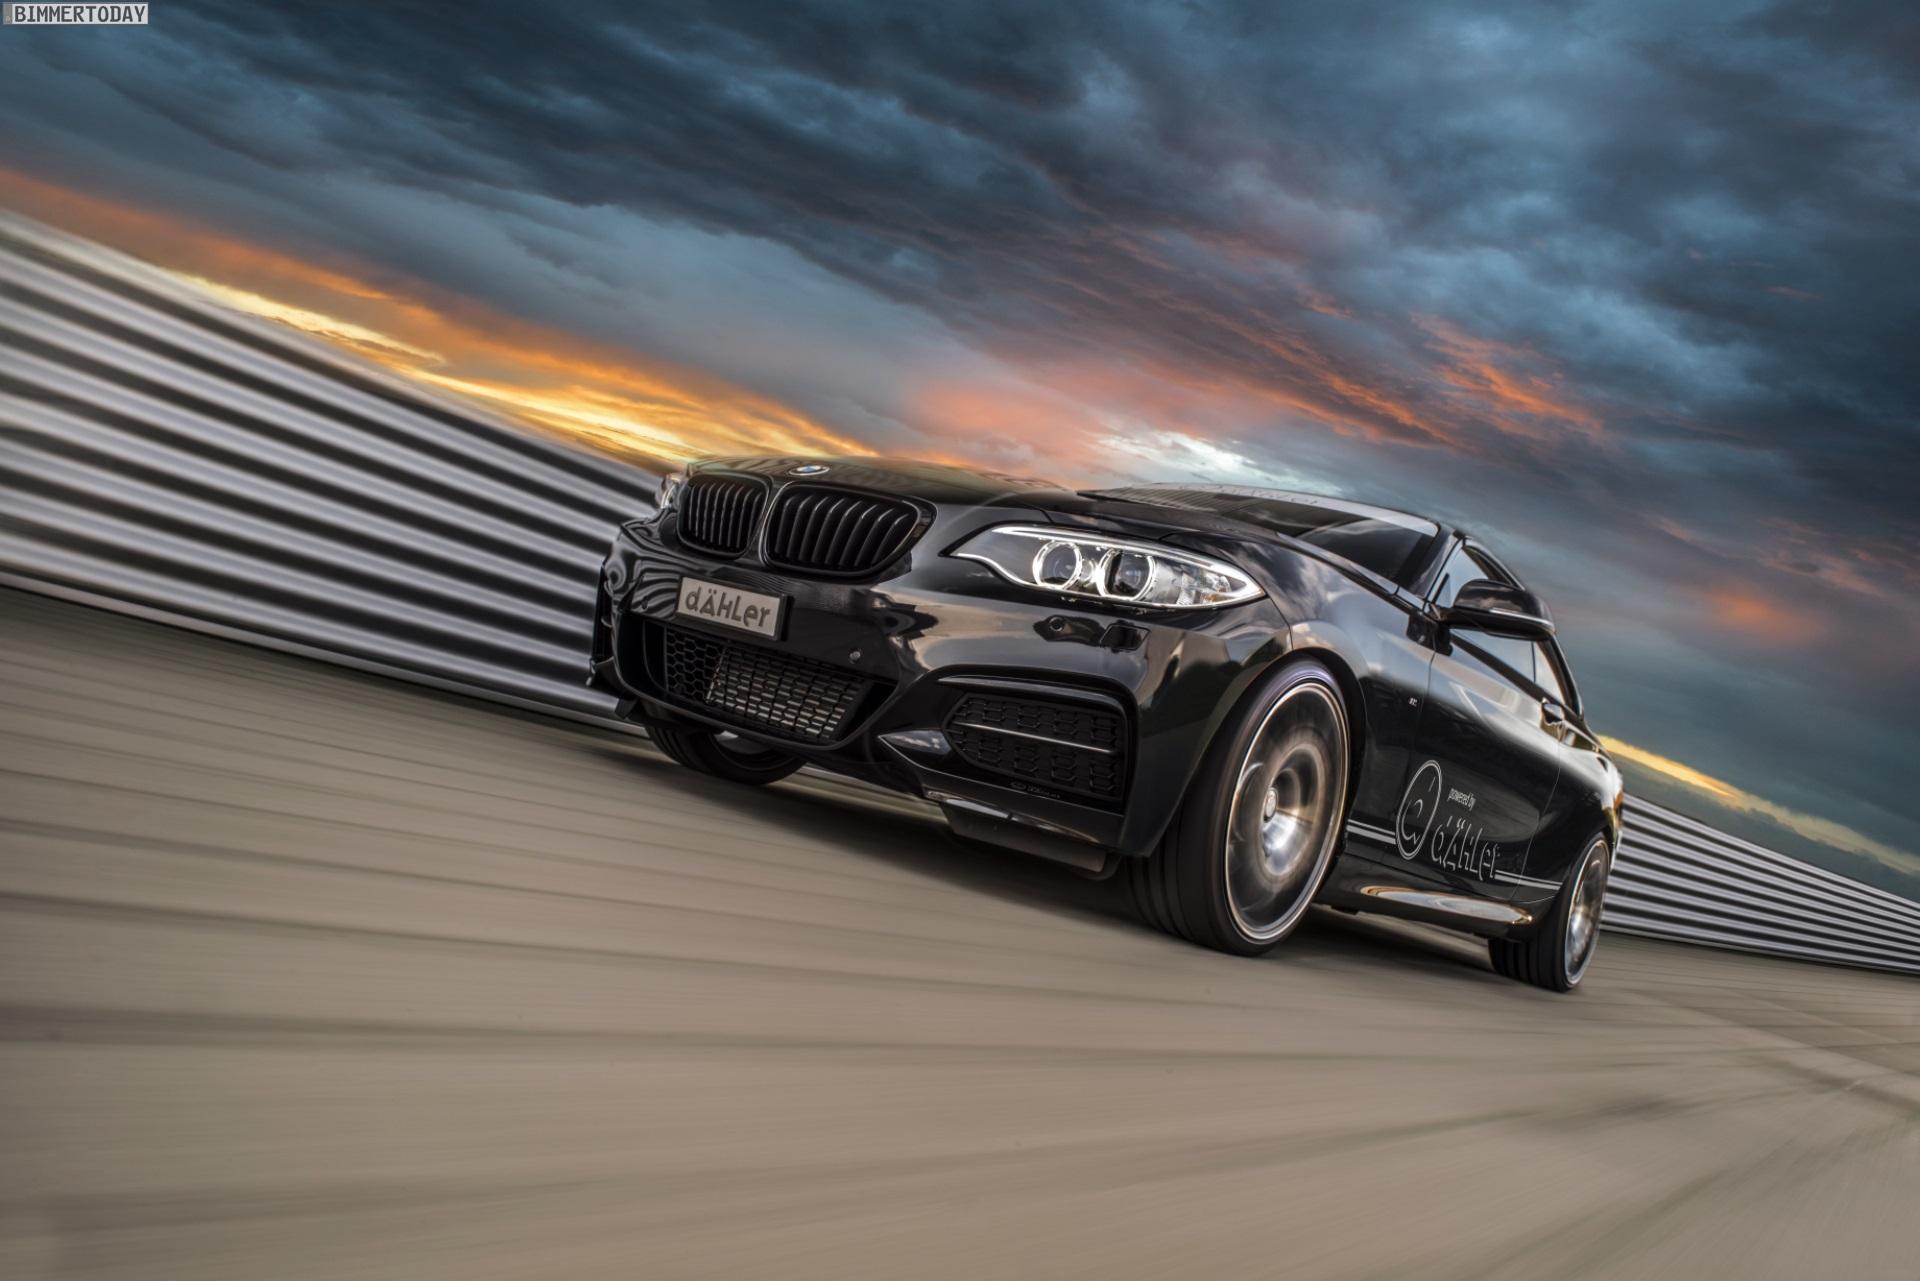 Daehler BMW M235i Tuning F22 Competition Line 2er 01